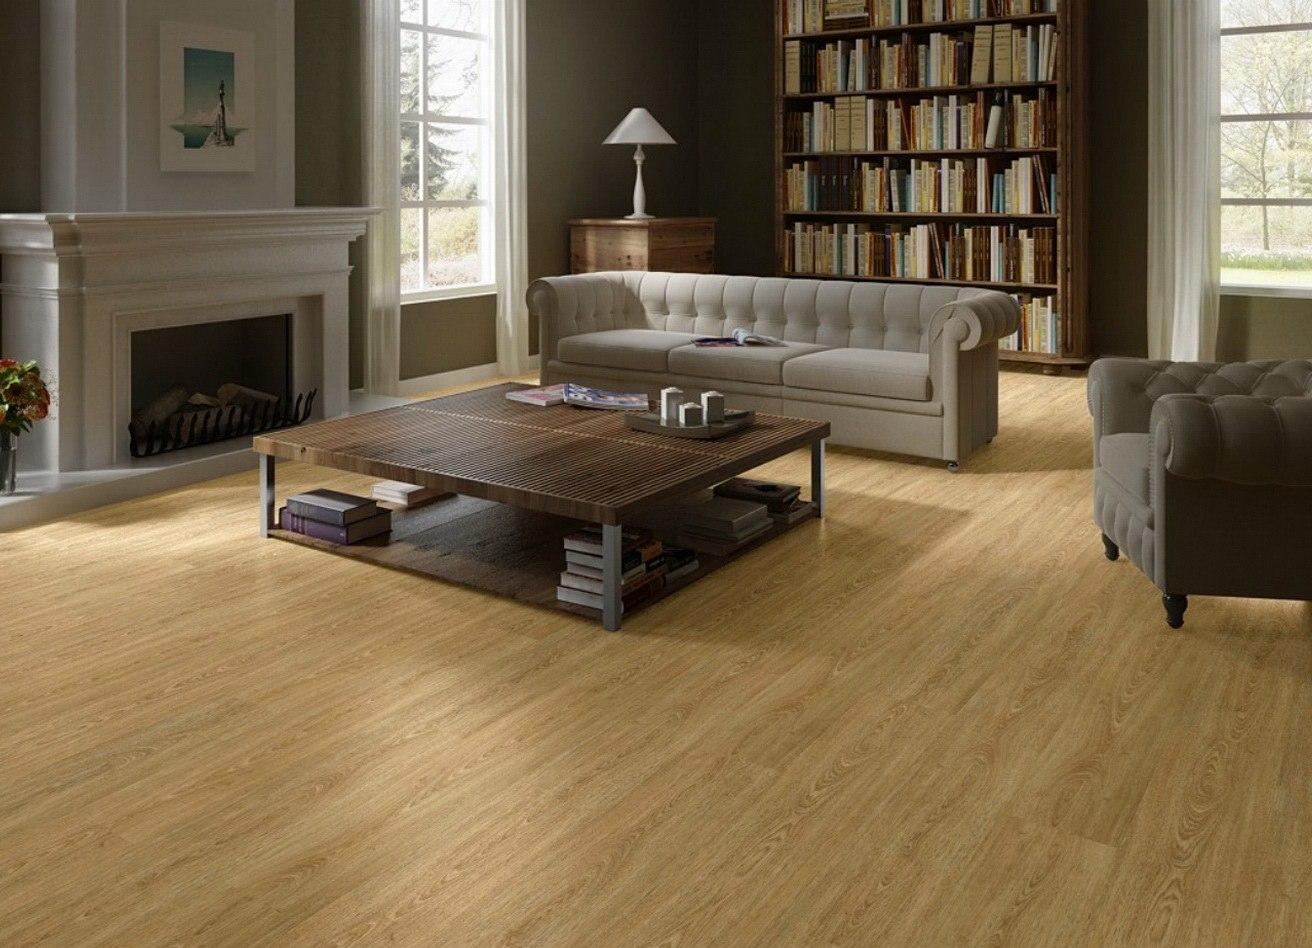 comment pose parquet quickstep meilleurs artisans niort entreprise fdgfr. Black Bedroom Furniture Sets. Home Design Ideas